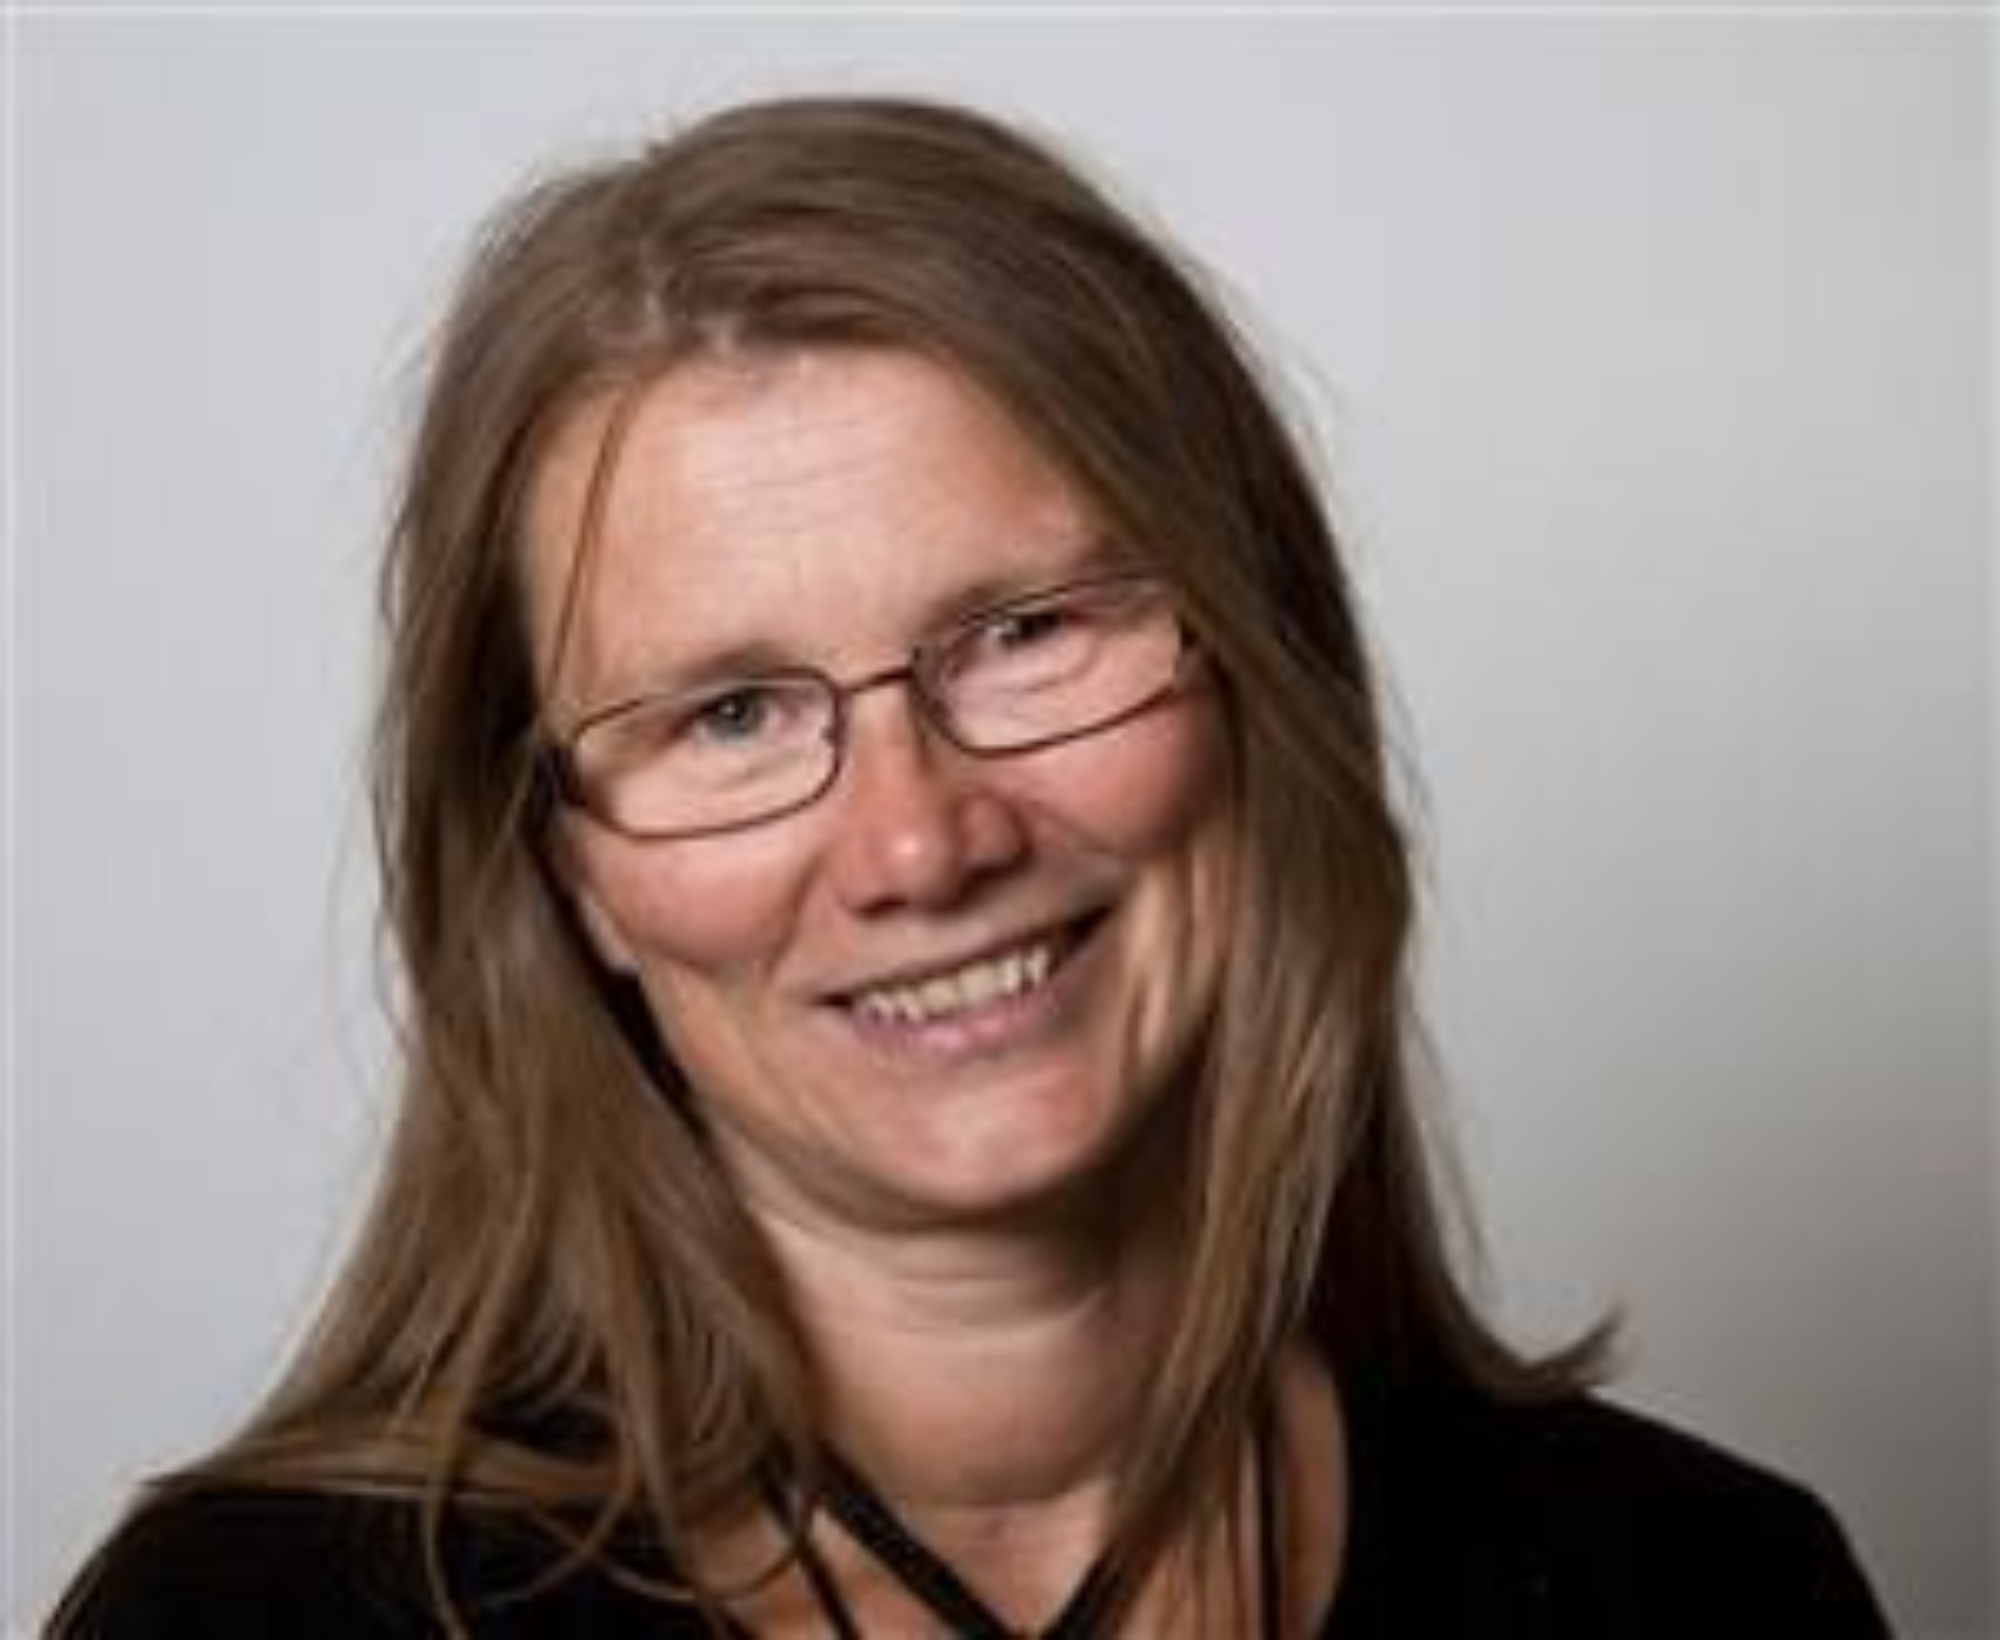 Dekan Hanne Thommesen ved Fakultet for samfunnsvitenskap på Nord universitet